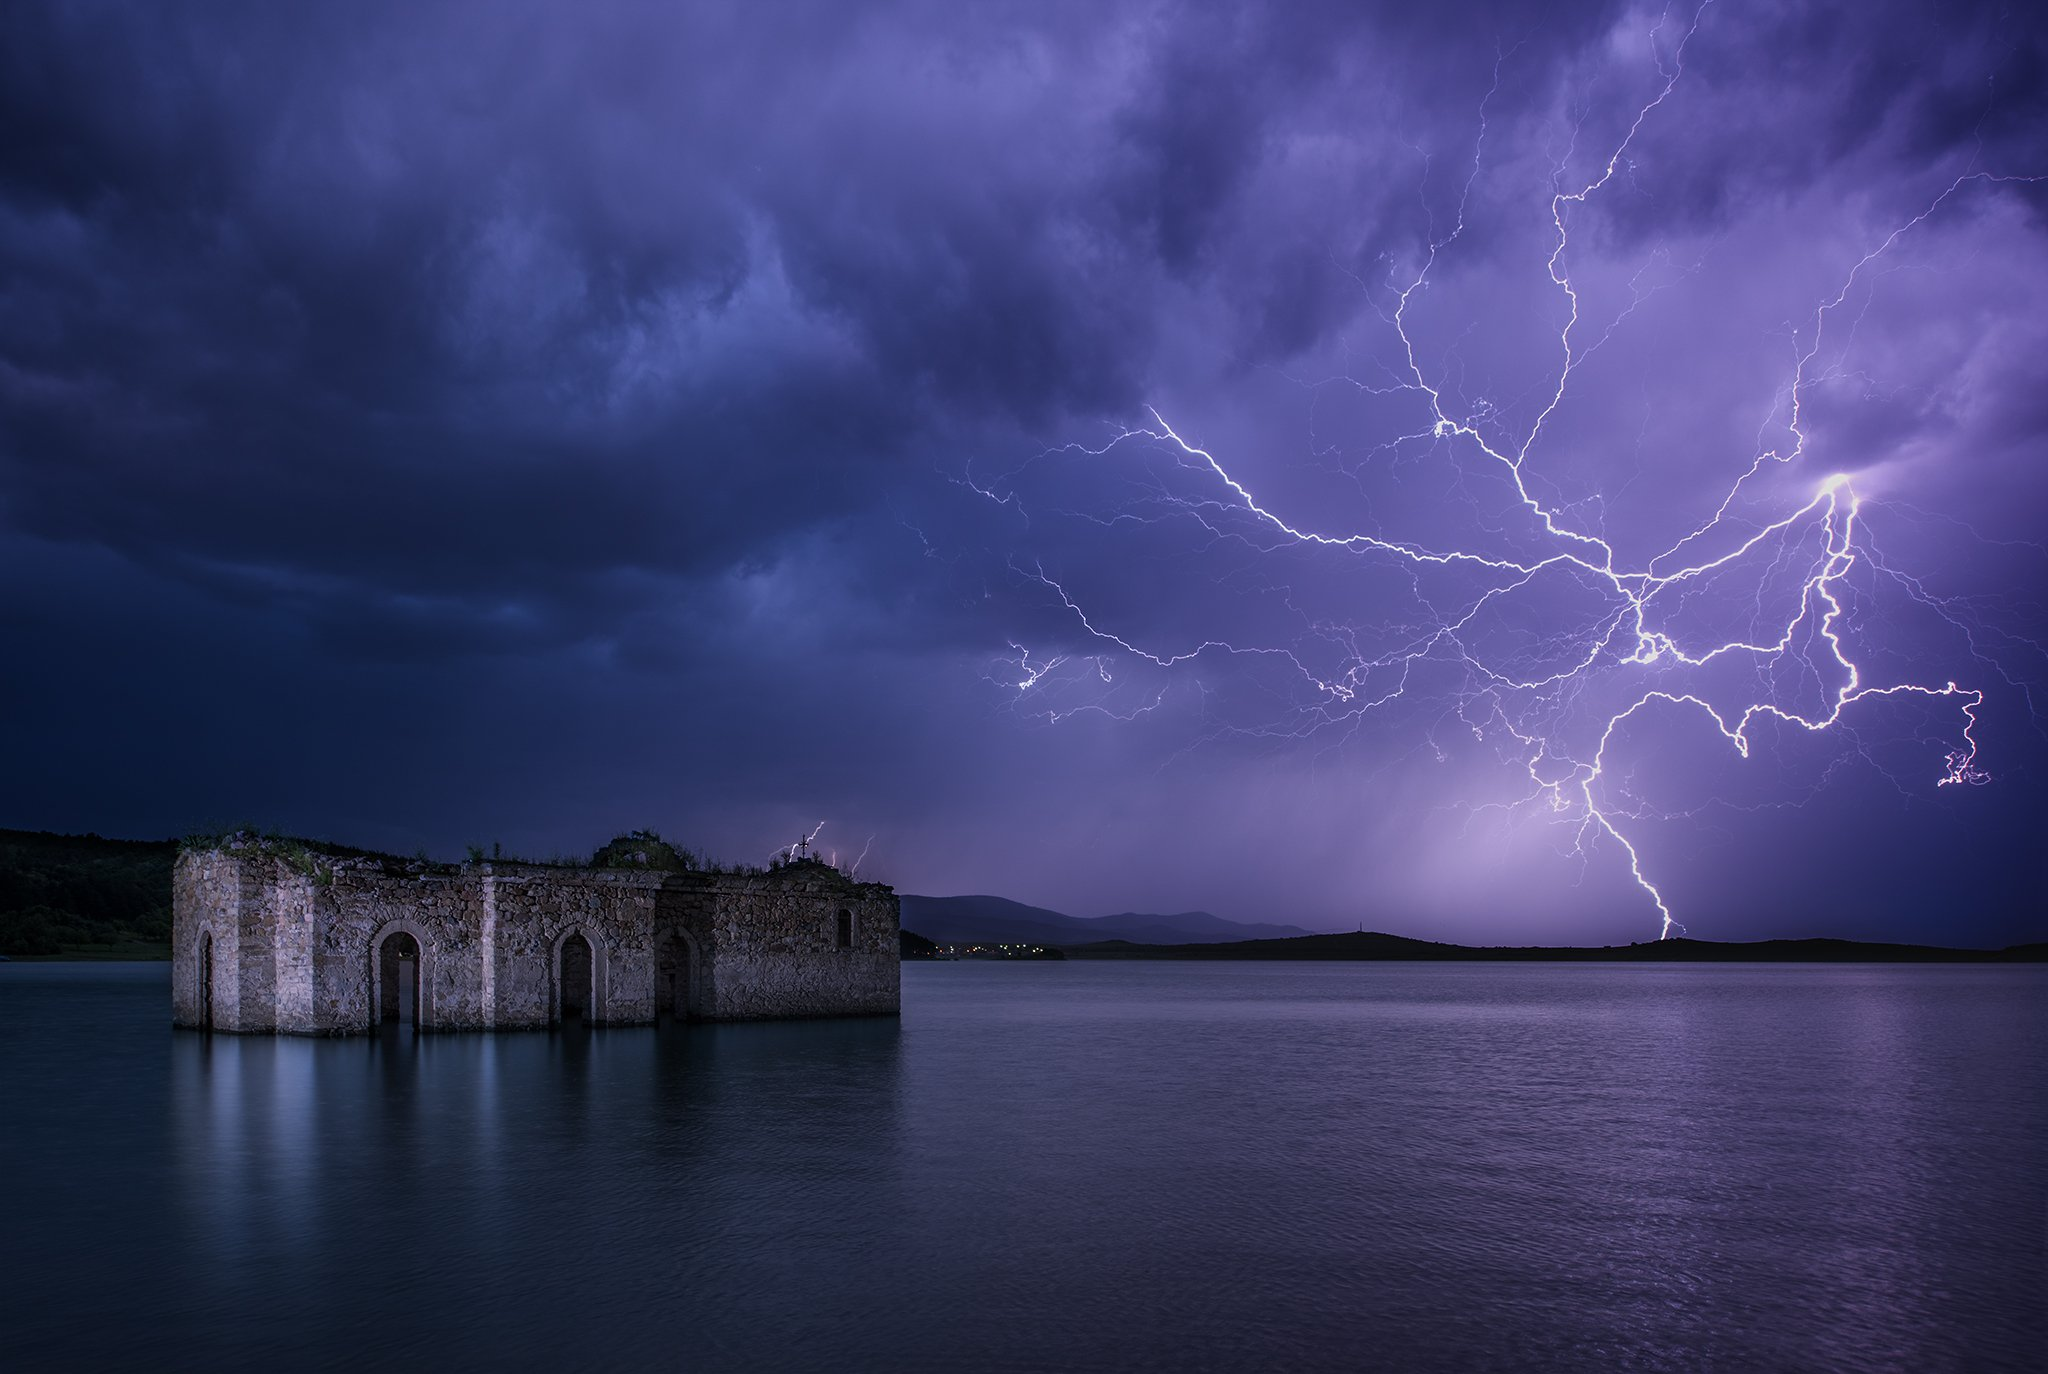 молния, церковь, озеро, жребчево, болгария, Руслан Асанов